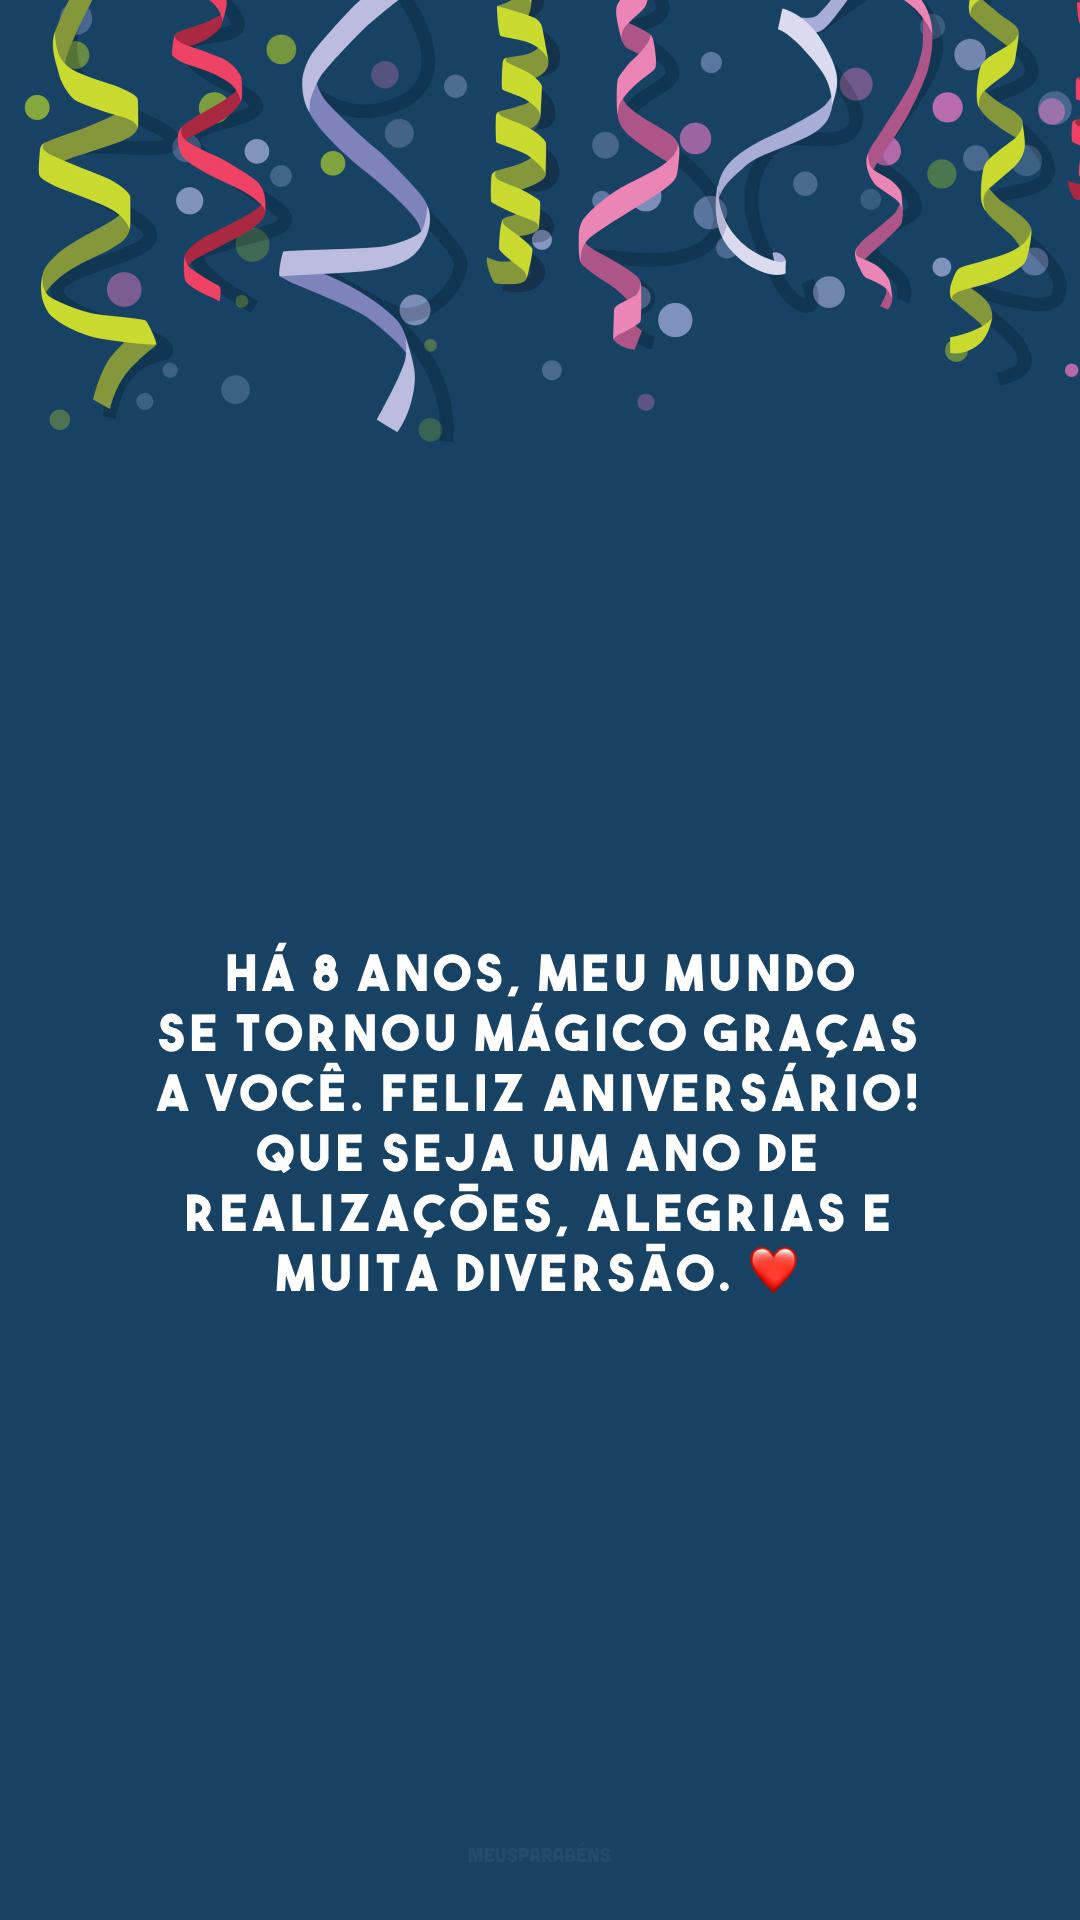 Há 8 anos, meu mundo se tornou mágico graças a você. Feliz aniversário! Que seja um ano de realizações, alegrias e muita diversão. ❤️